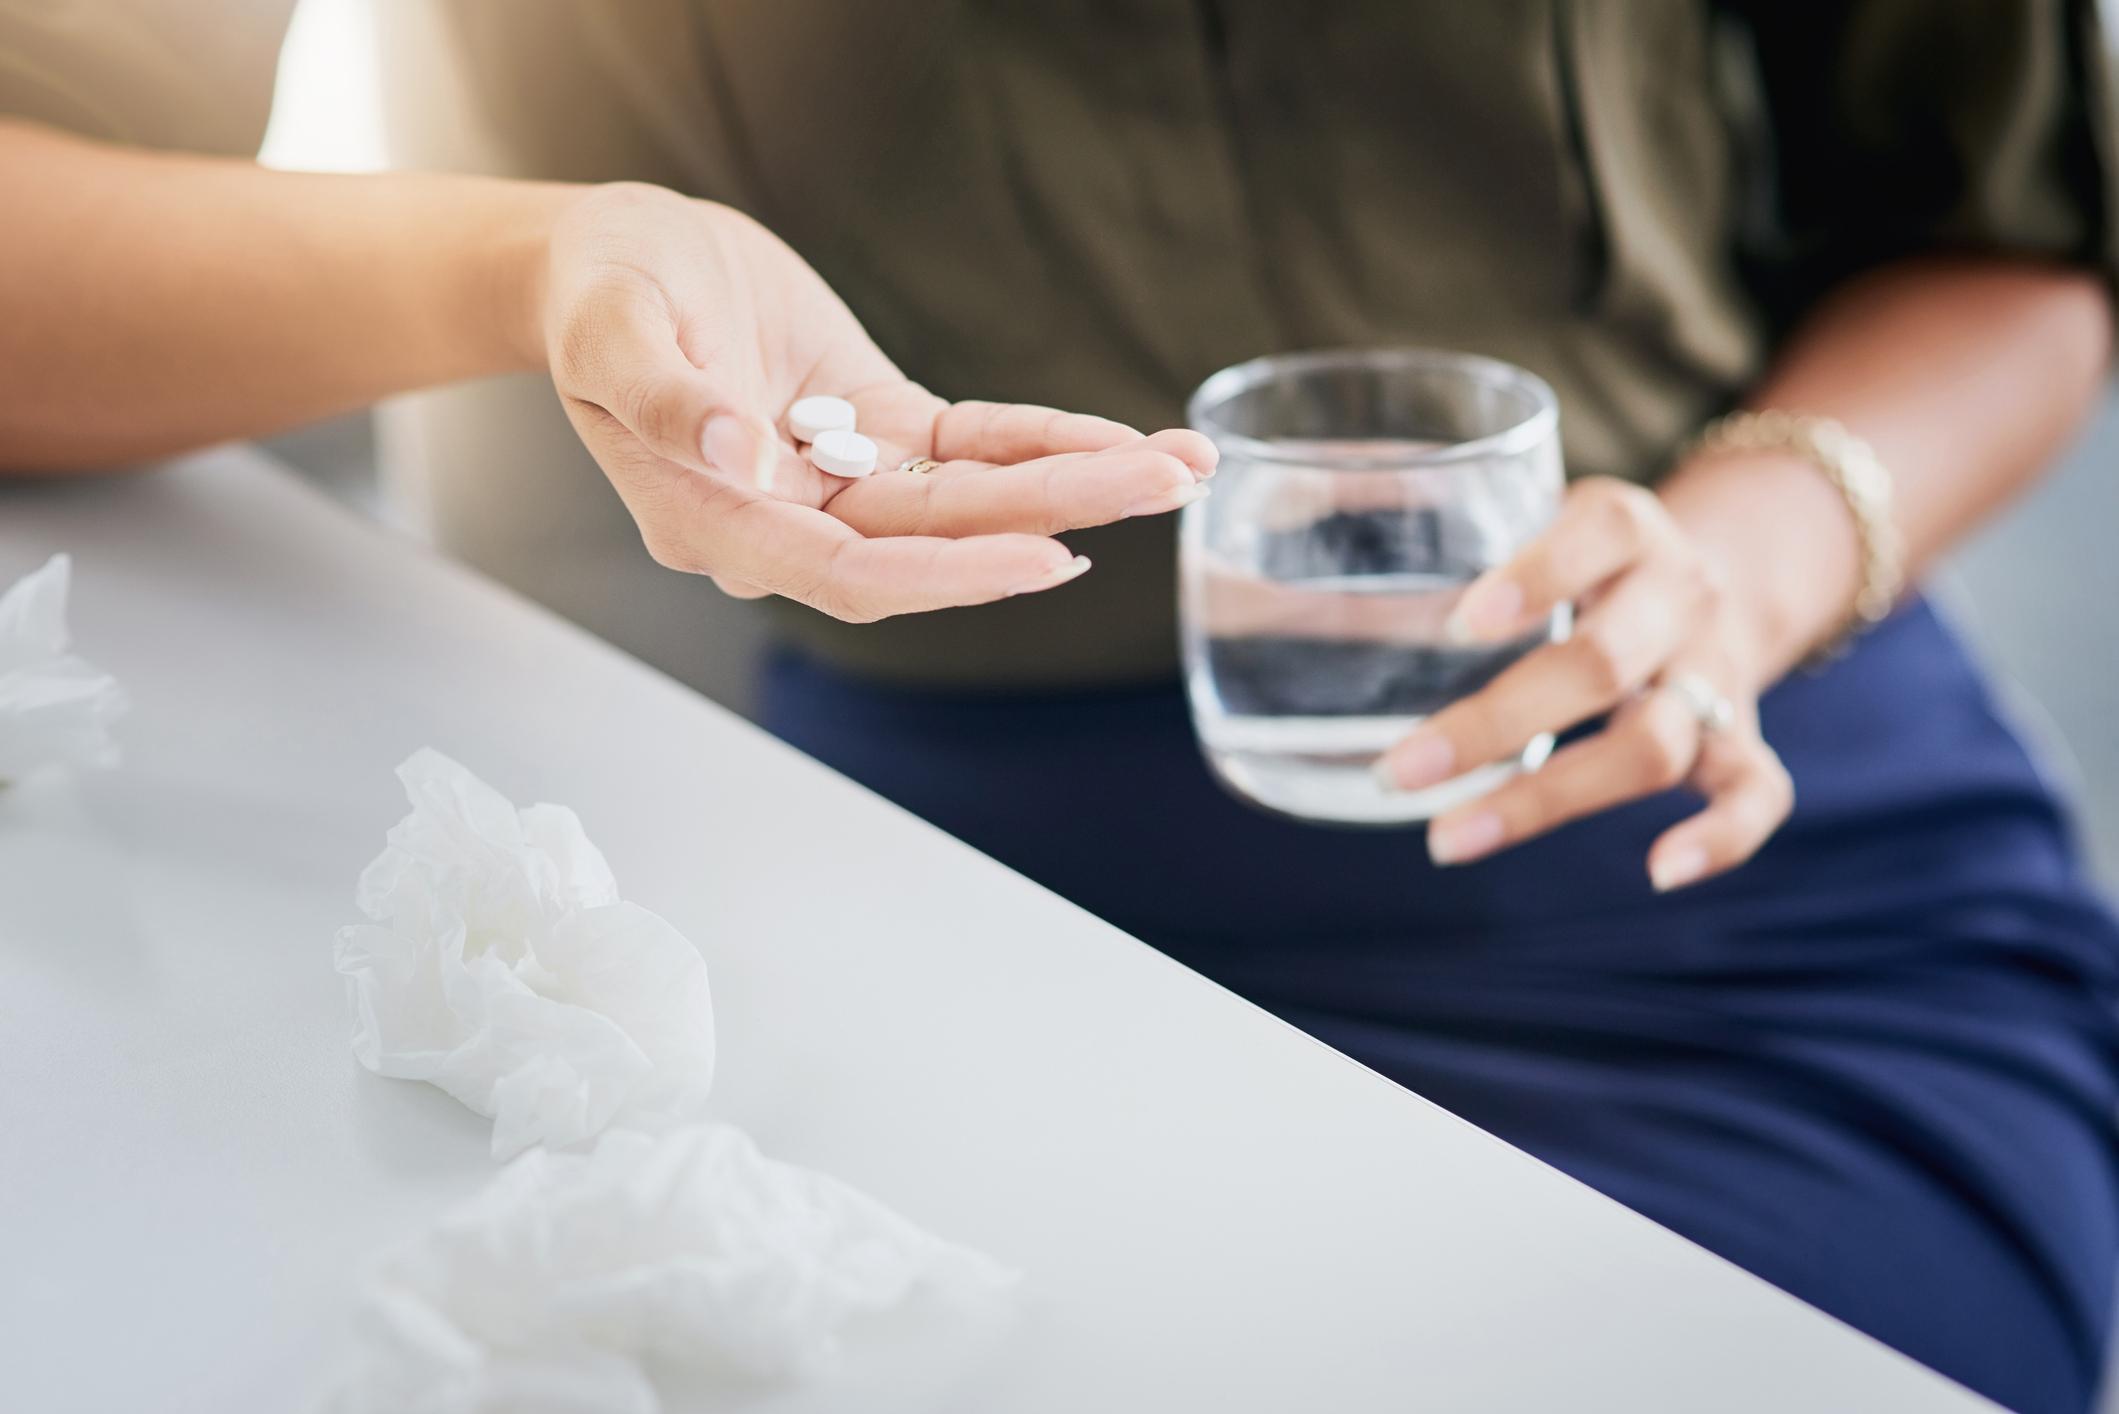 hogyan lehet élő és holt vizet szedni magas vérnyomás esetén